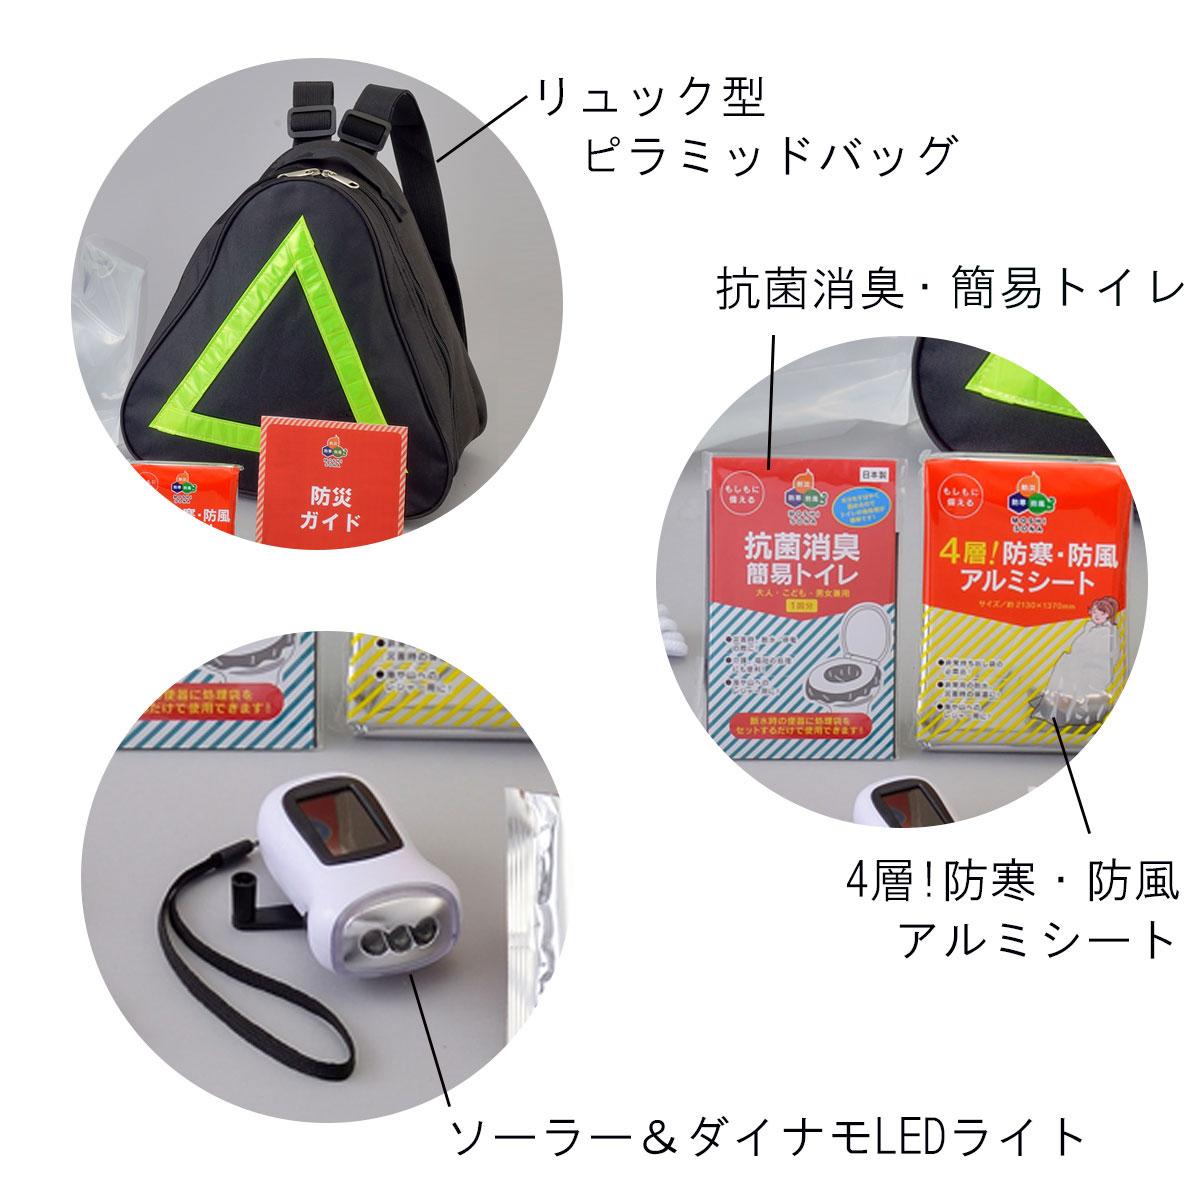 ピラミッドバッグ 非常用 防災10点セット